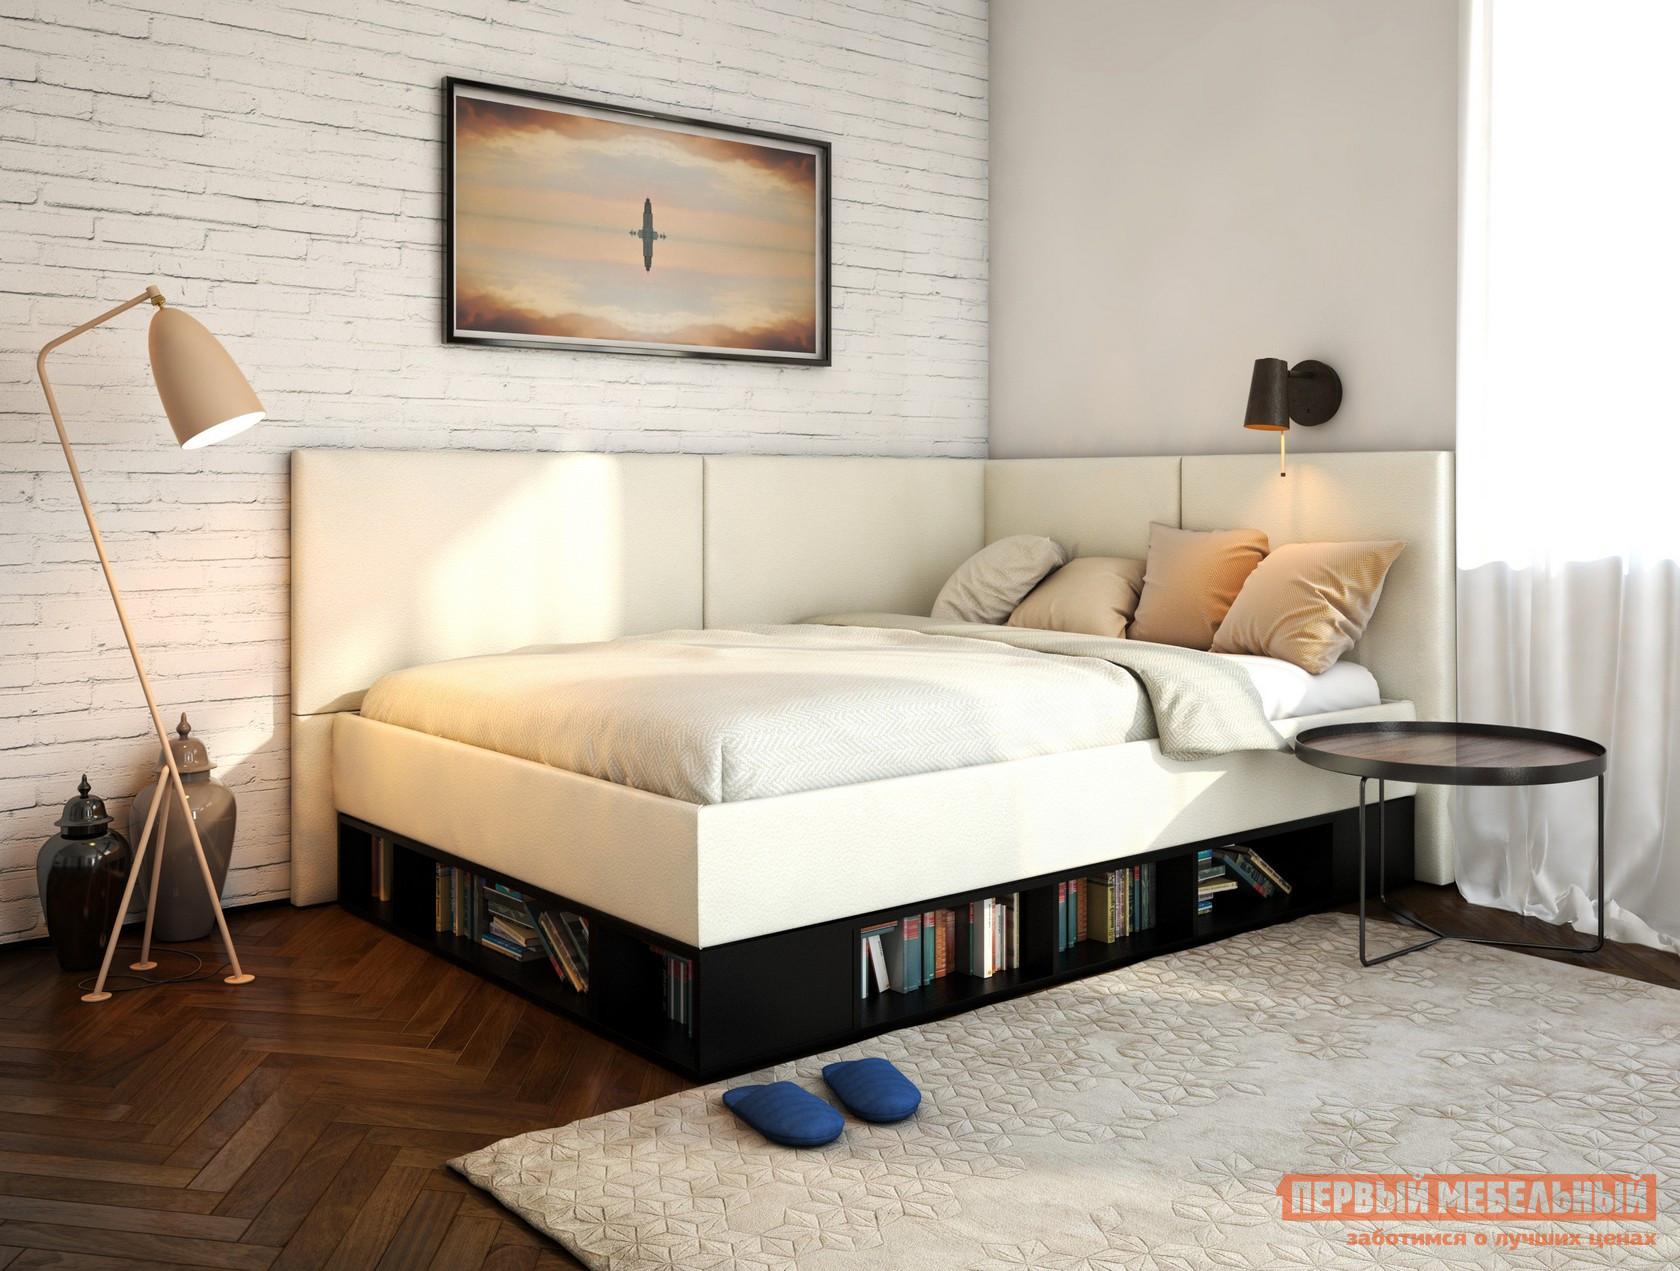 Двуспальная кровать-тахта Орматек Lancaster 2